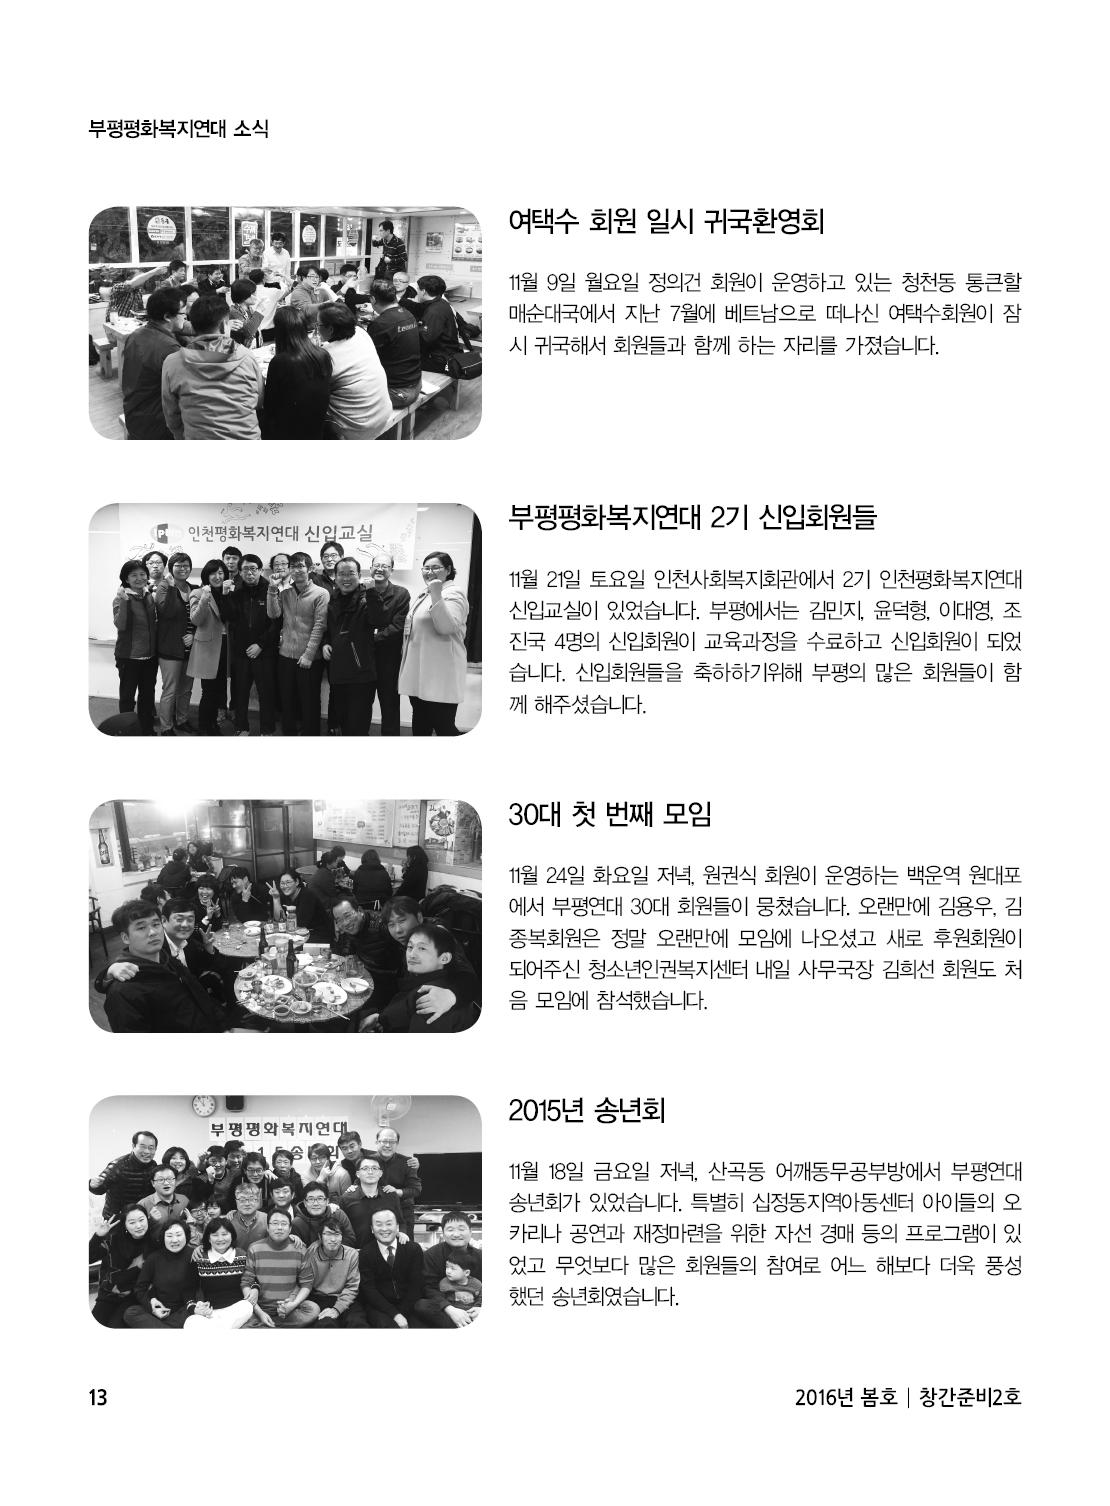 아웃라인 인천평화복지연대 창간준비2호13.jpg